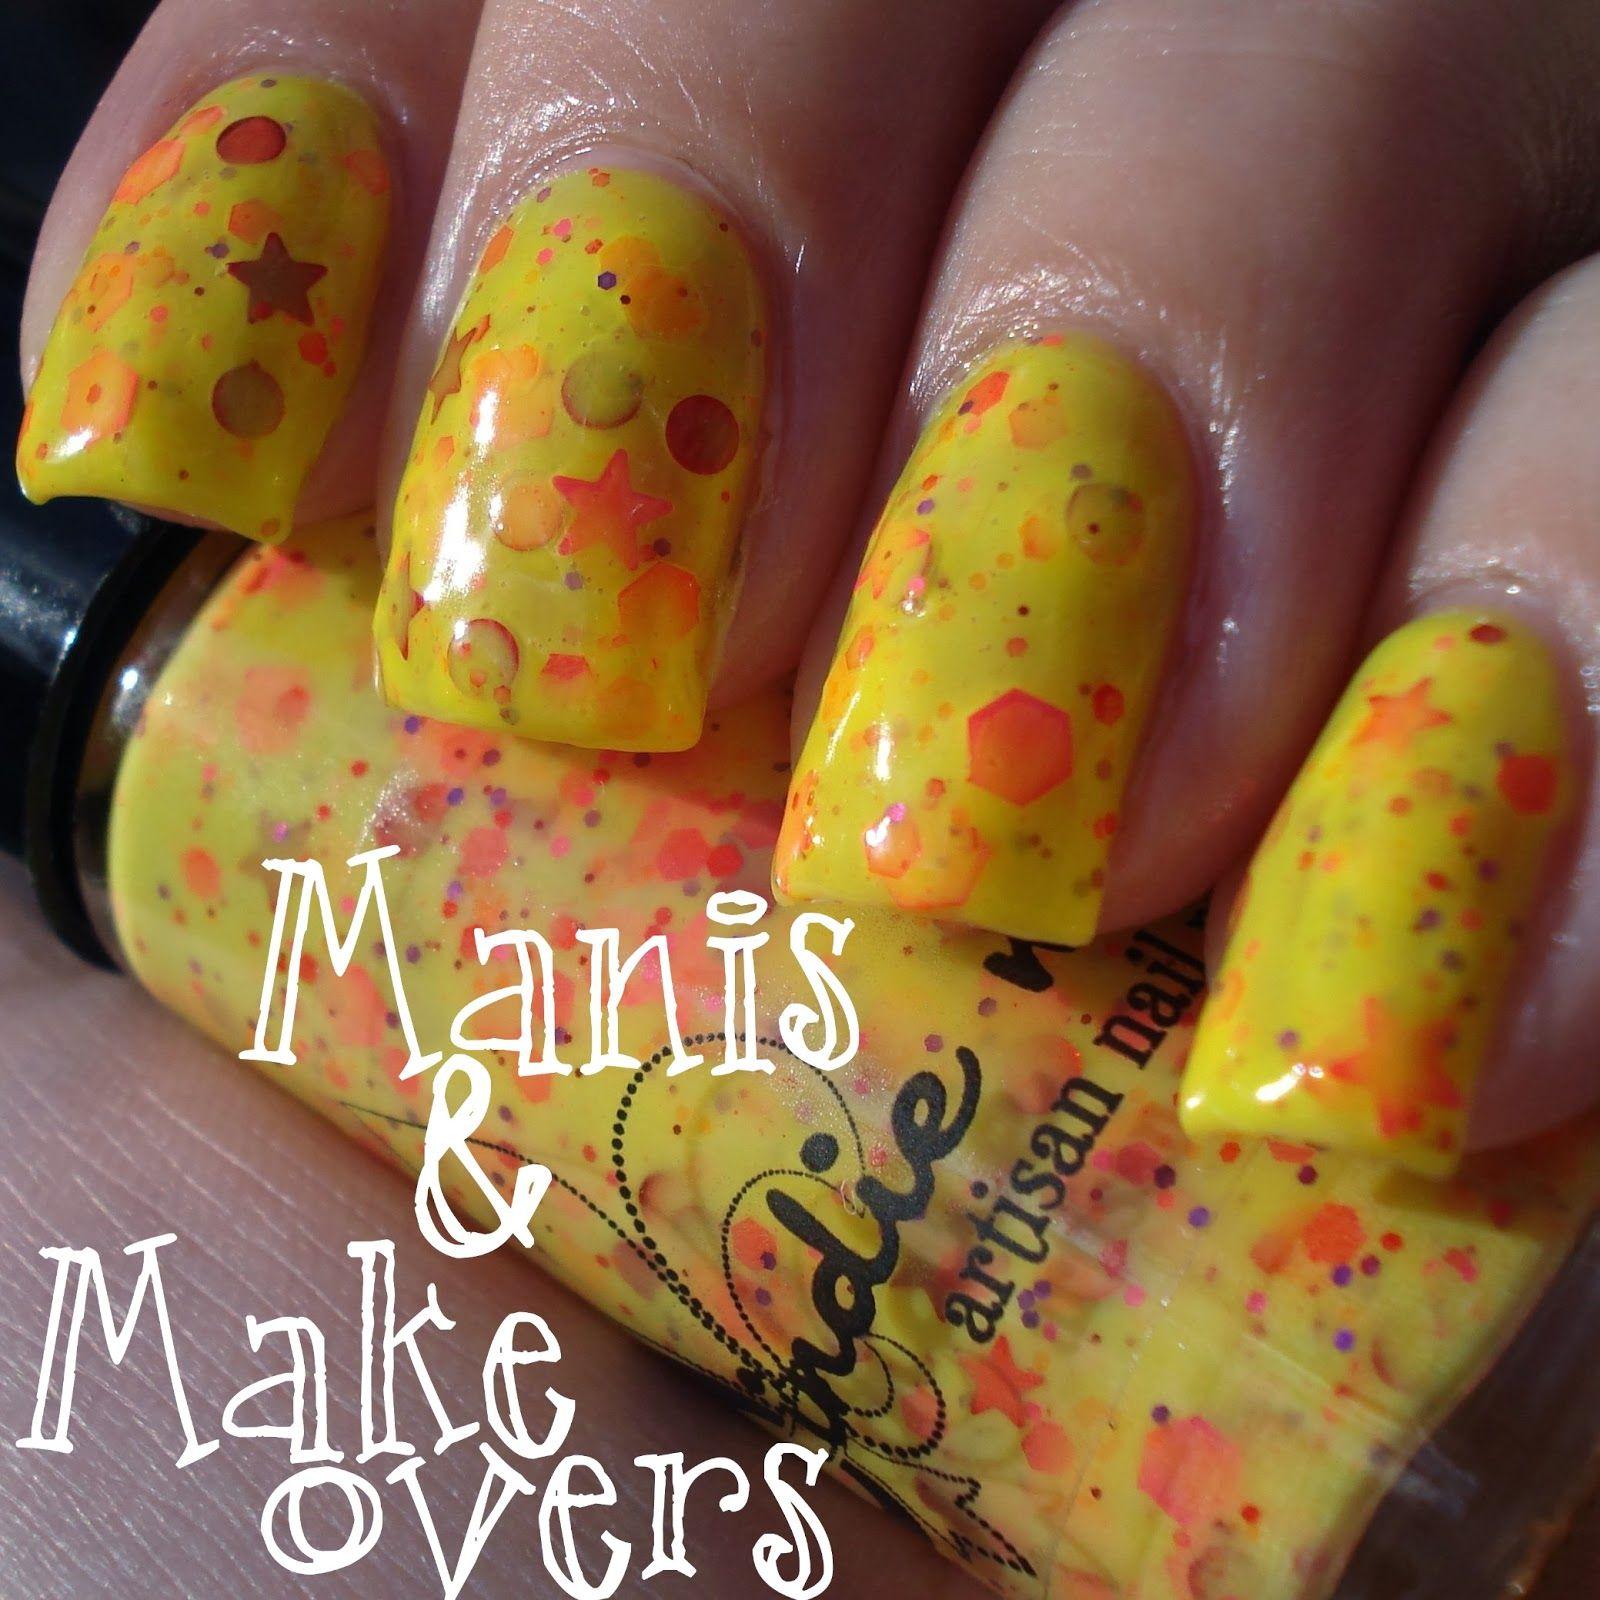 Pin by lothwen akira on repin nail exchange pinterest nails